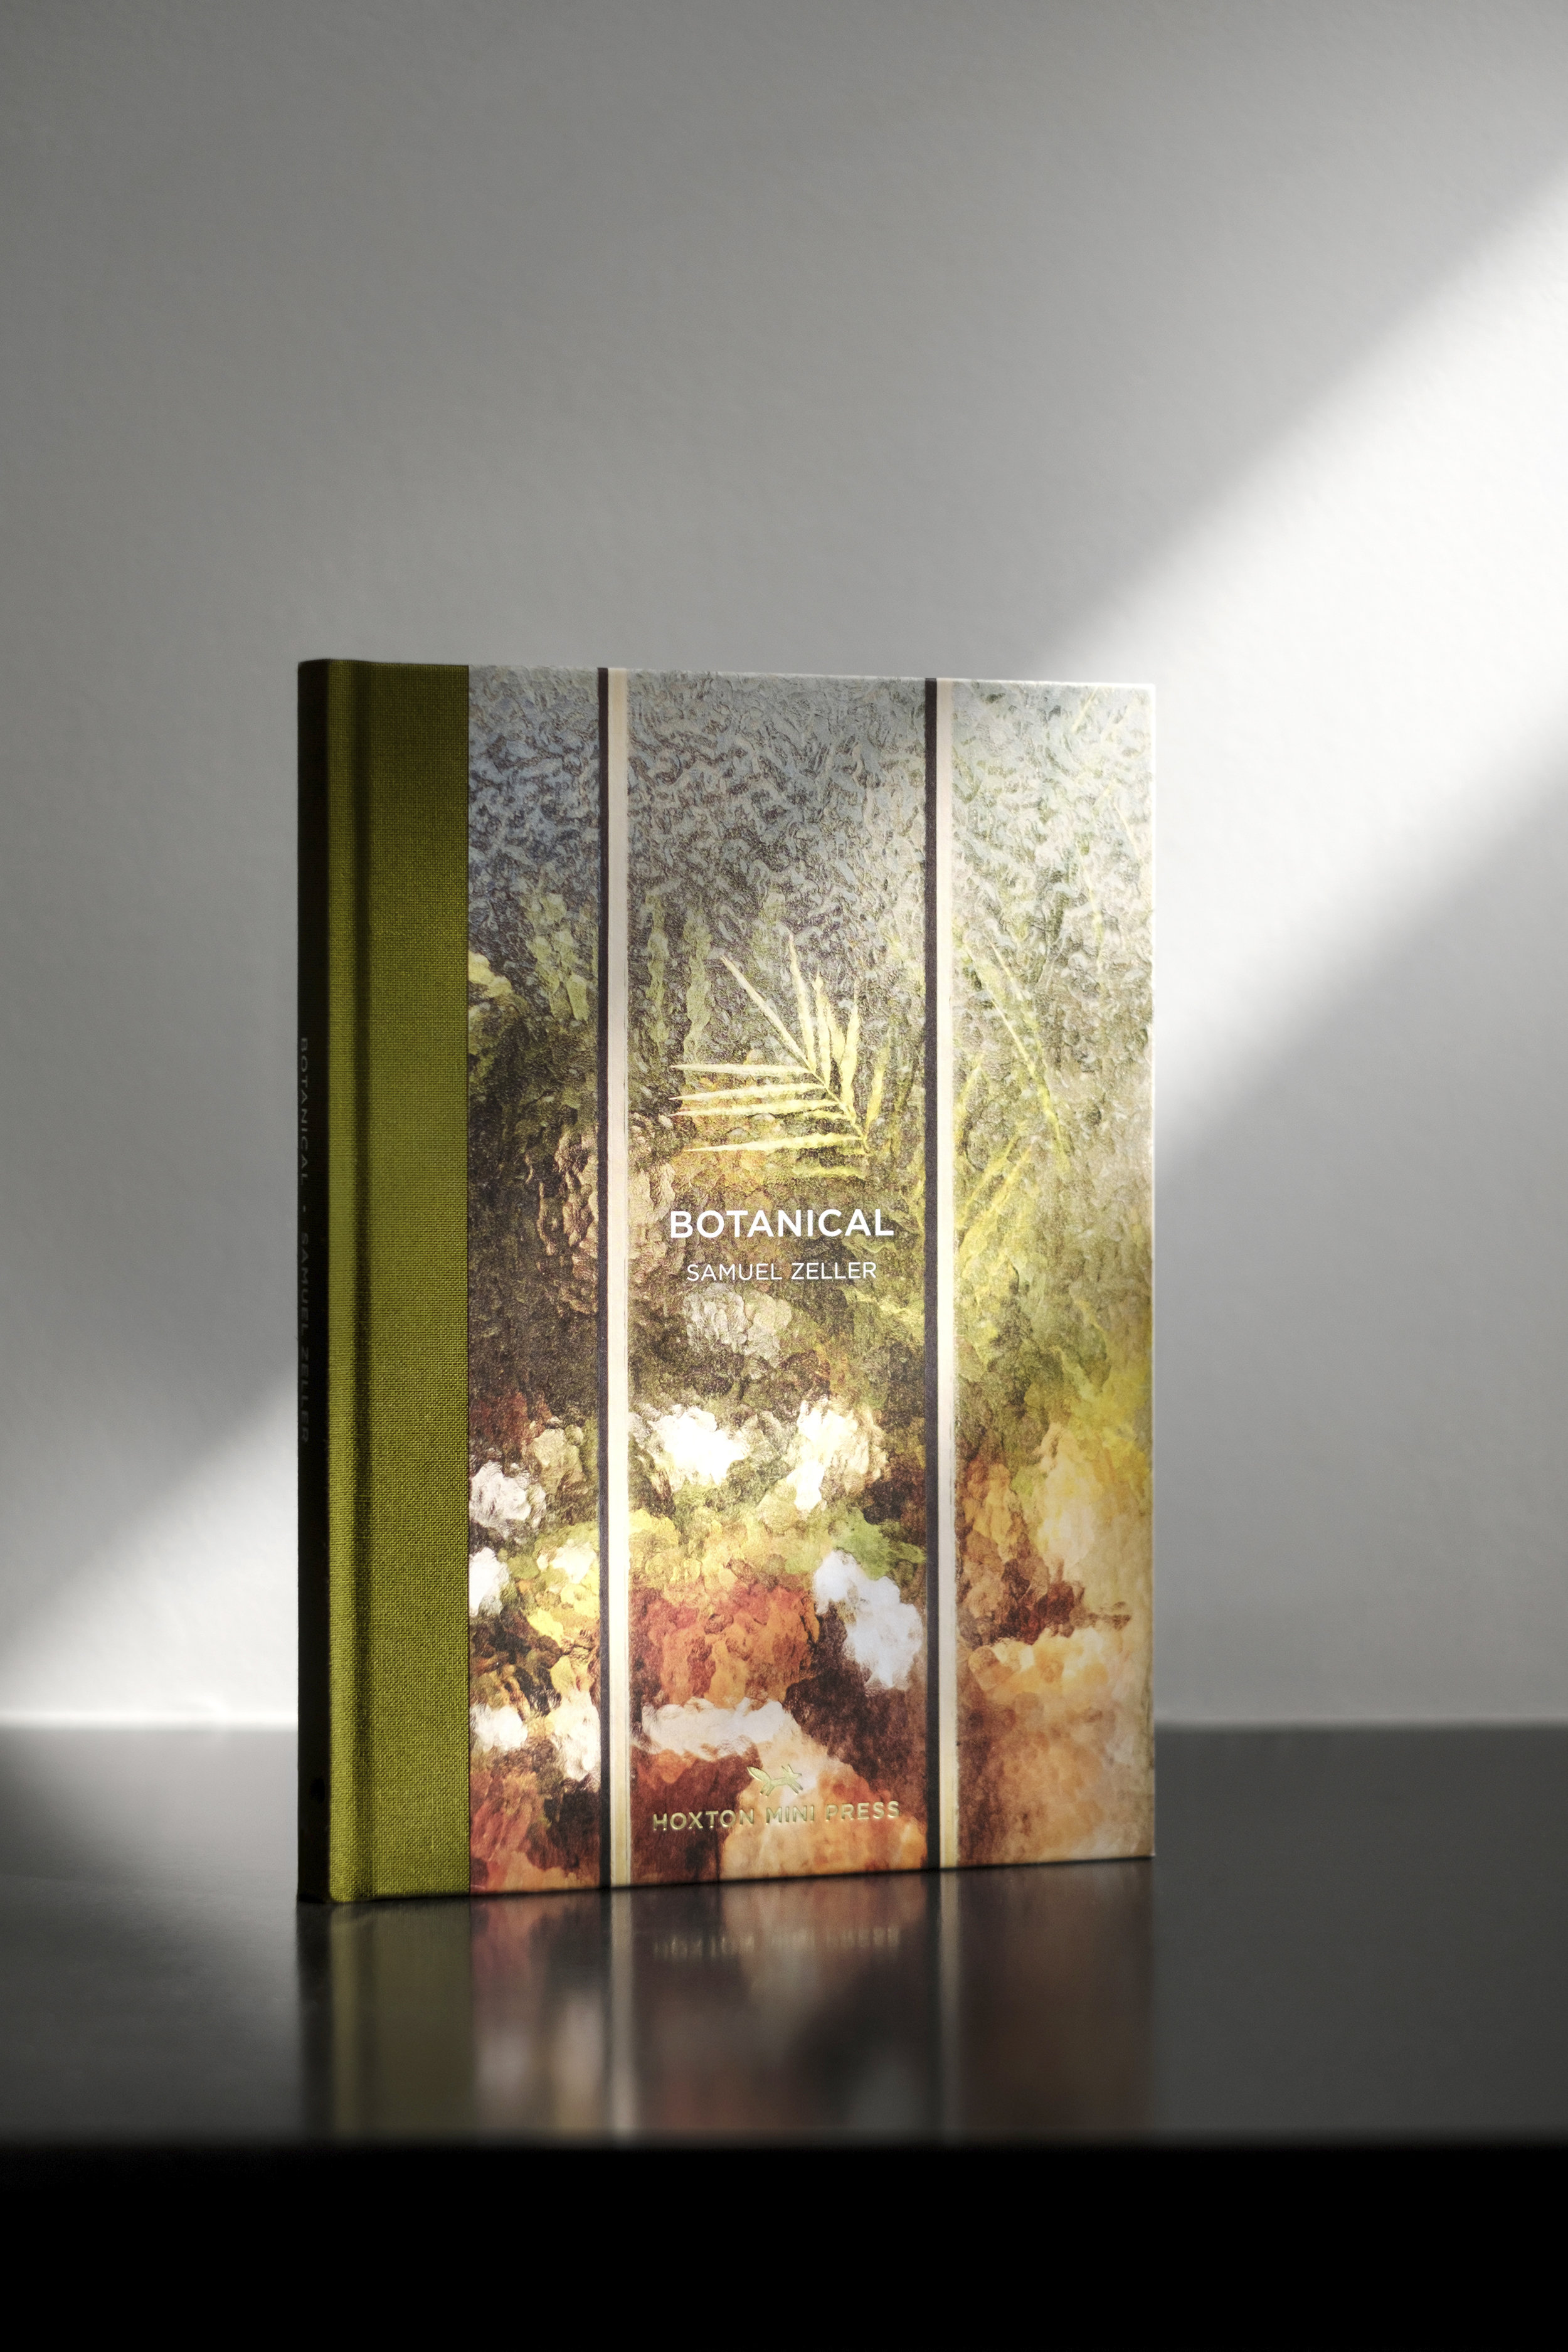 Botanical by Samuel Zeller Hoxton Mini Press, 2018 Hardcover 144pp., £16.95